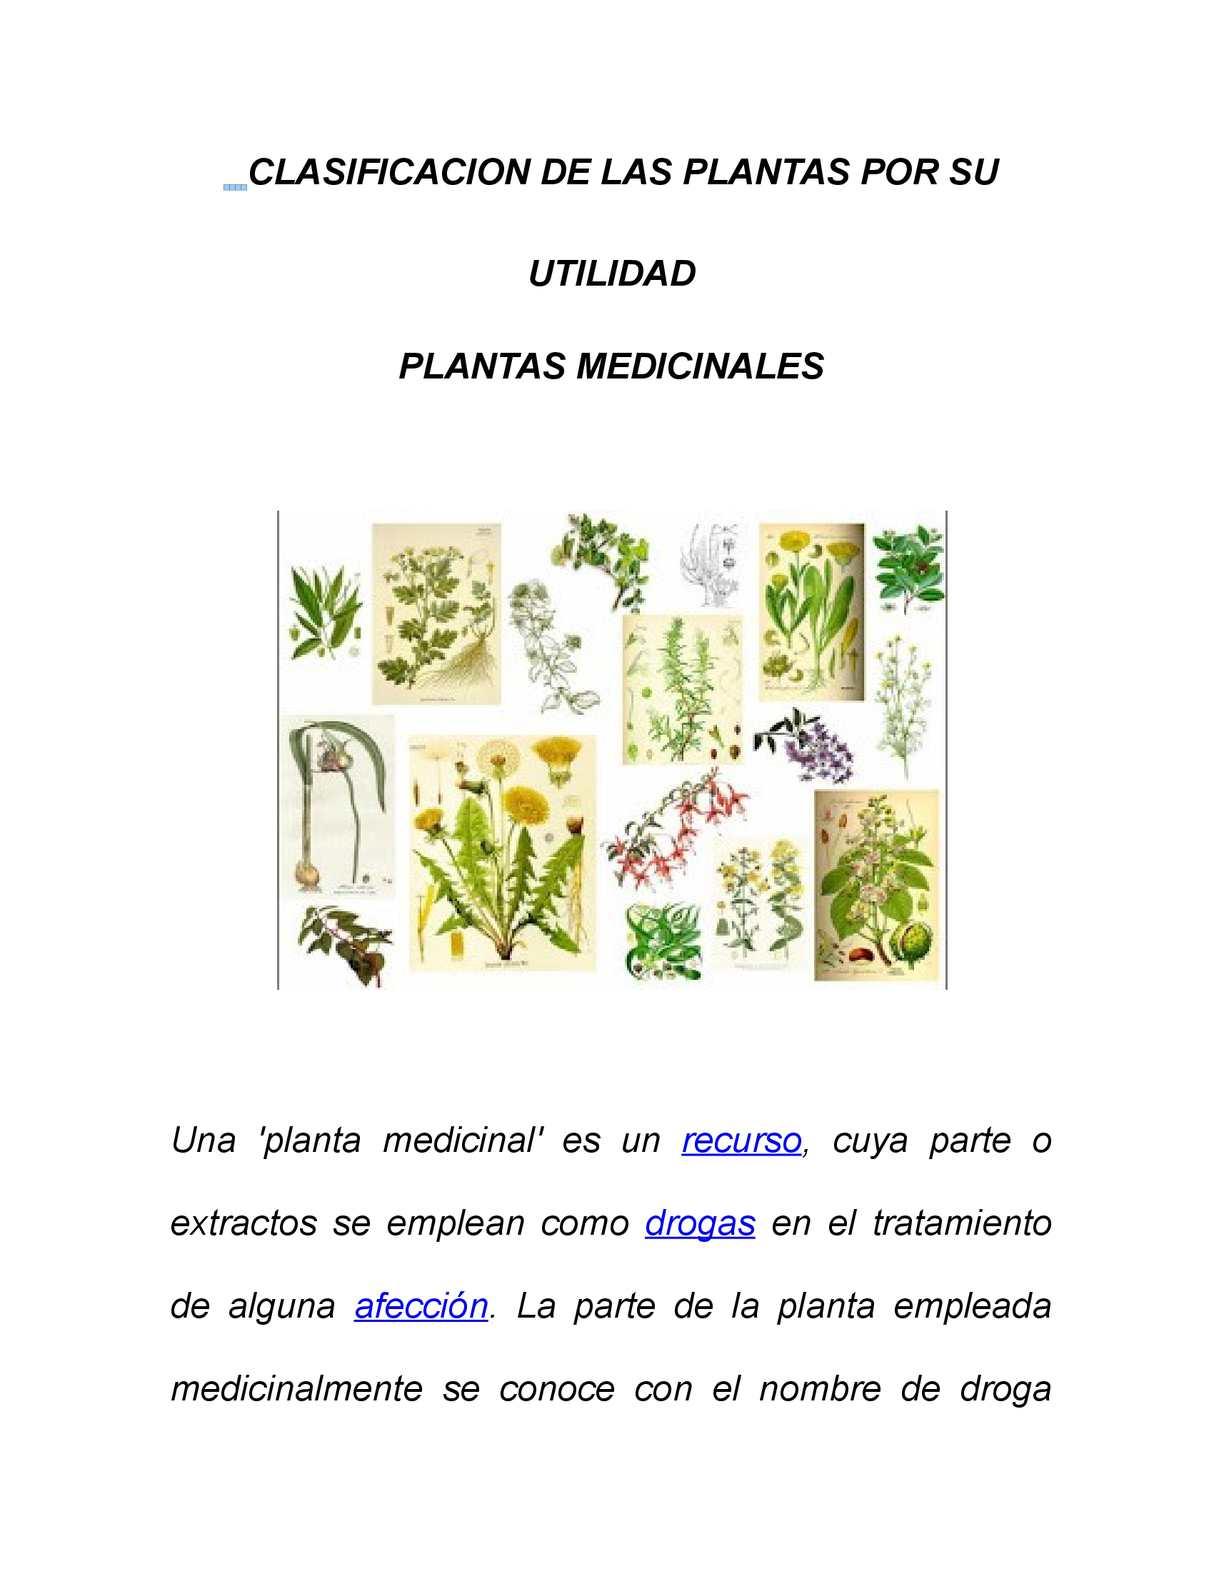 Calaméo Clasificacion De Las Plantas Por Su Utilidad